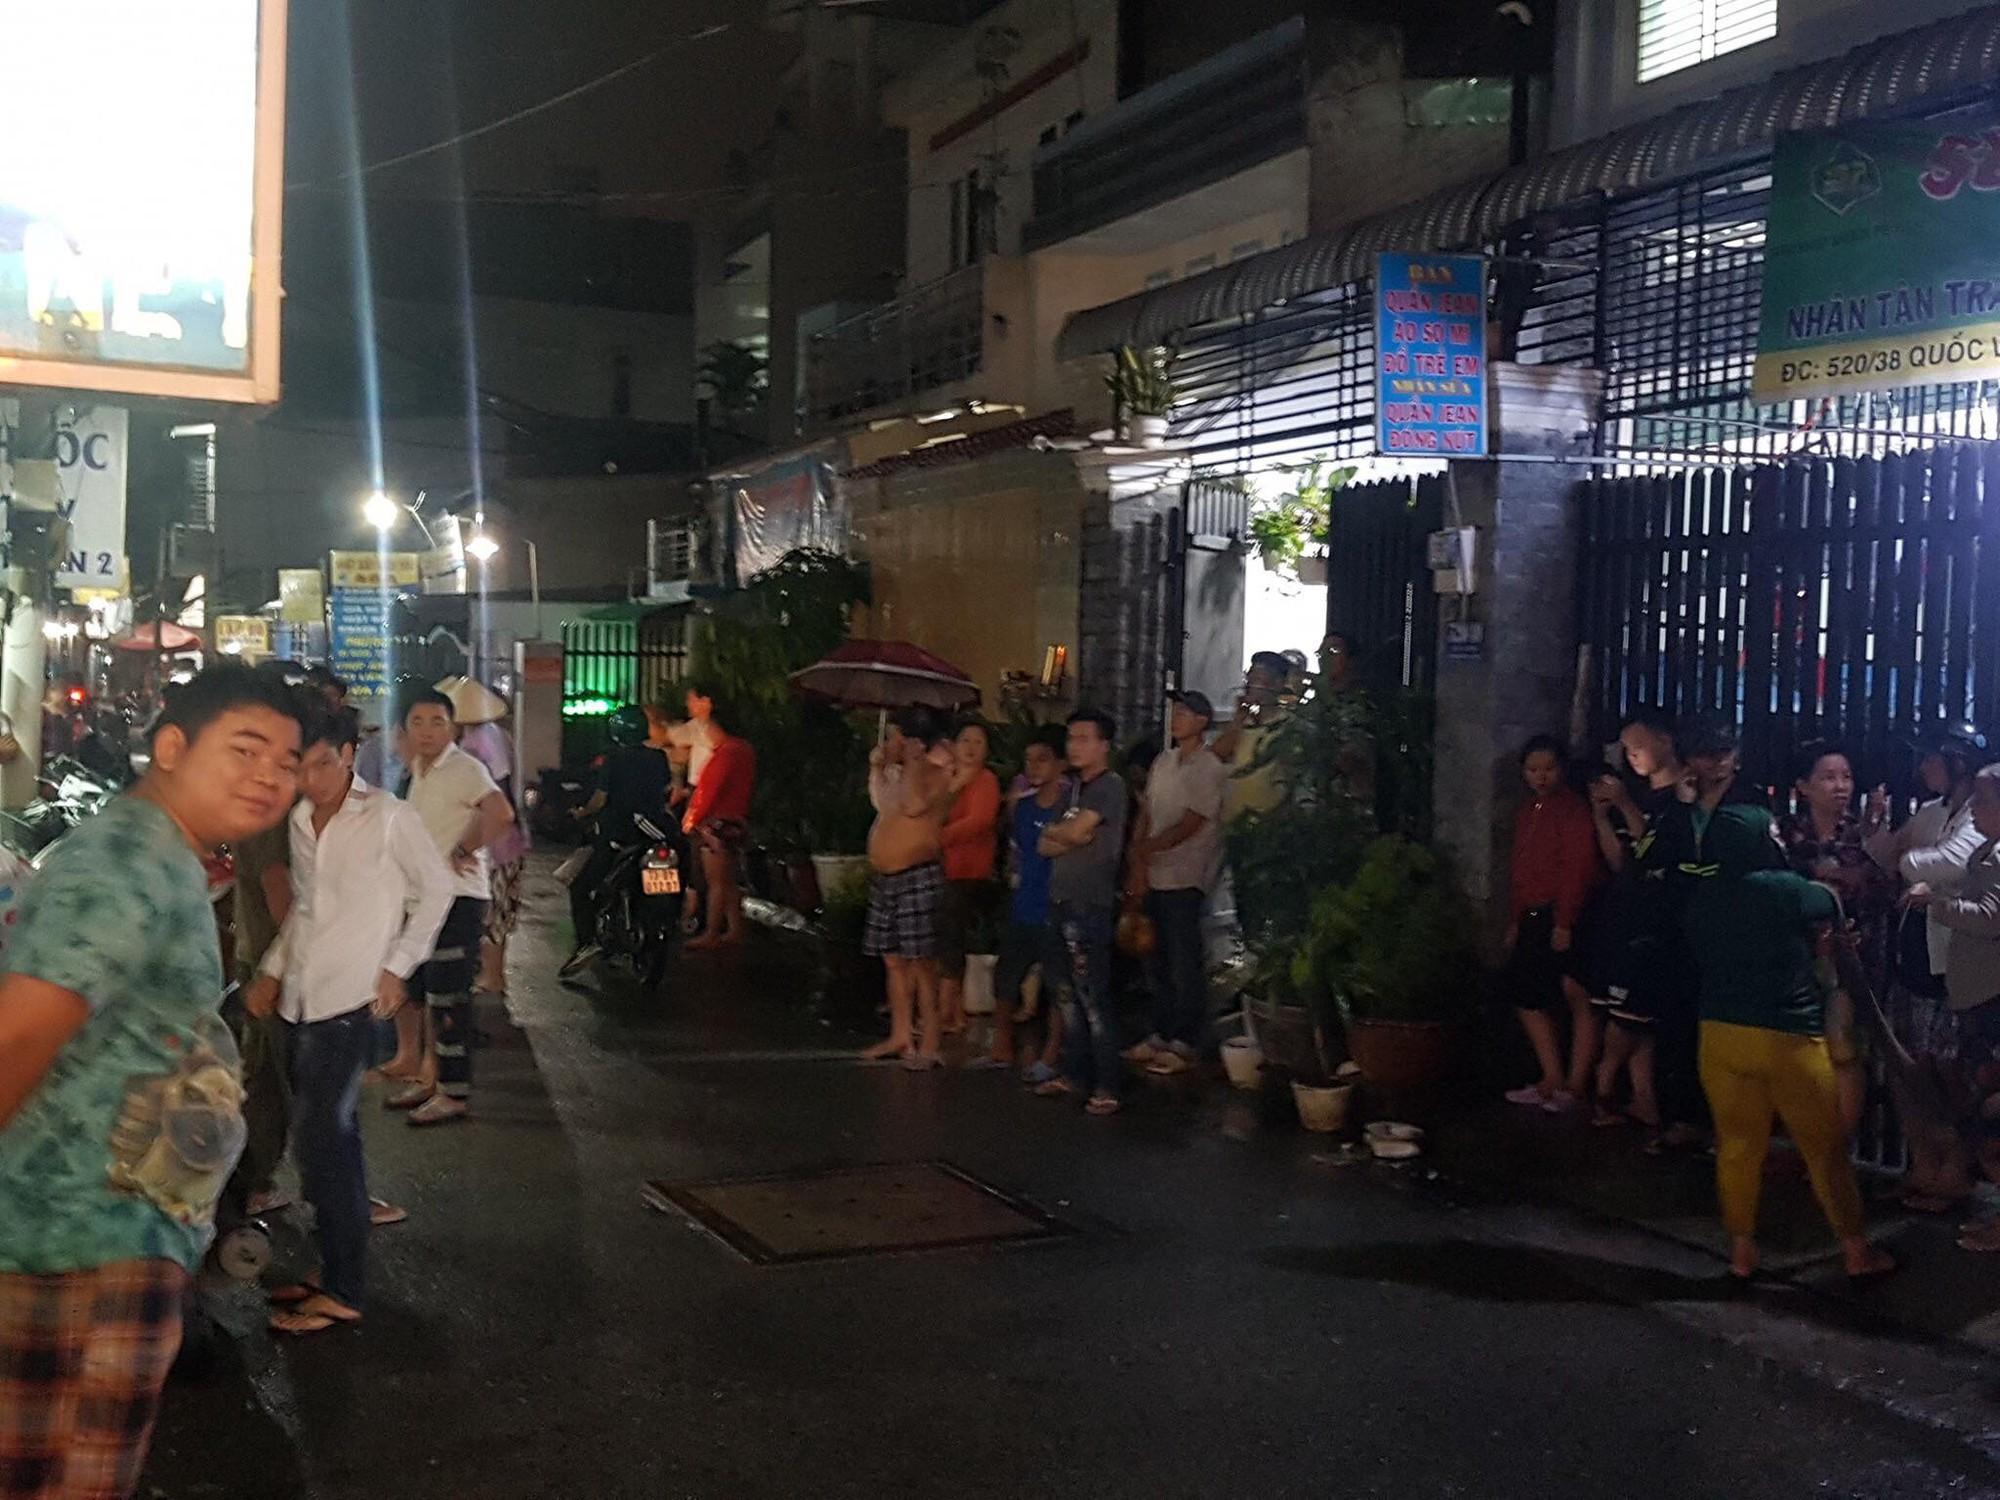 Lời khai của đối tượng sát hại dã man người phụ nữ 62 tuổi, cướp tài sản ở Sài Gòn - Ảnh 2.